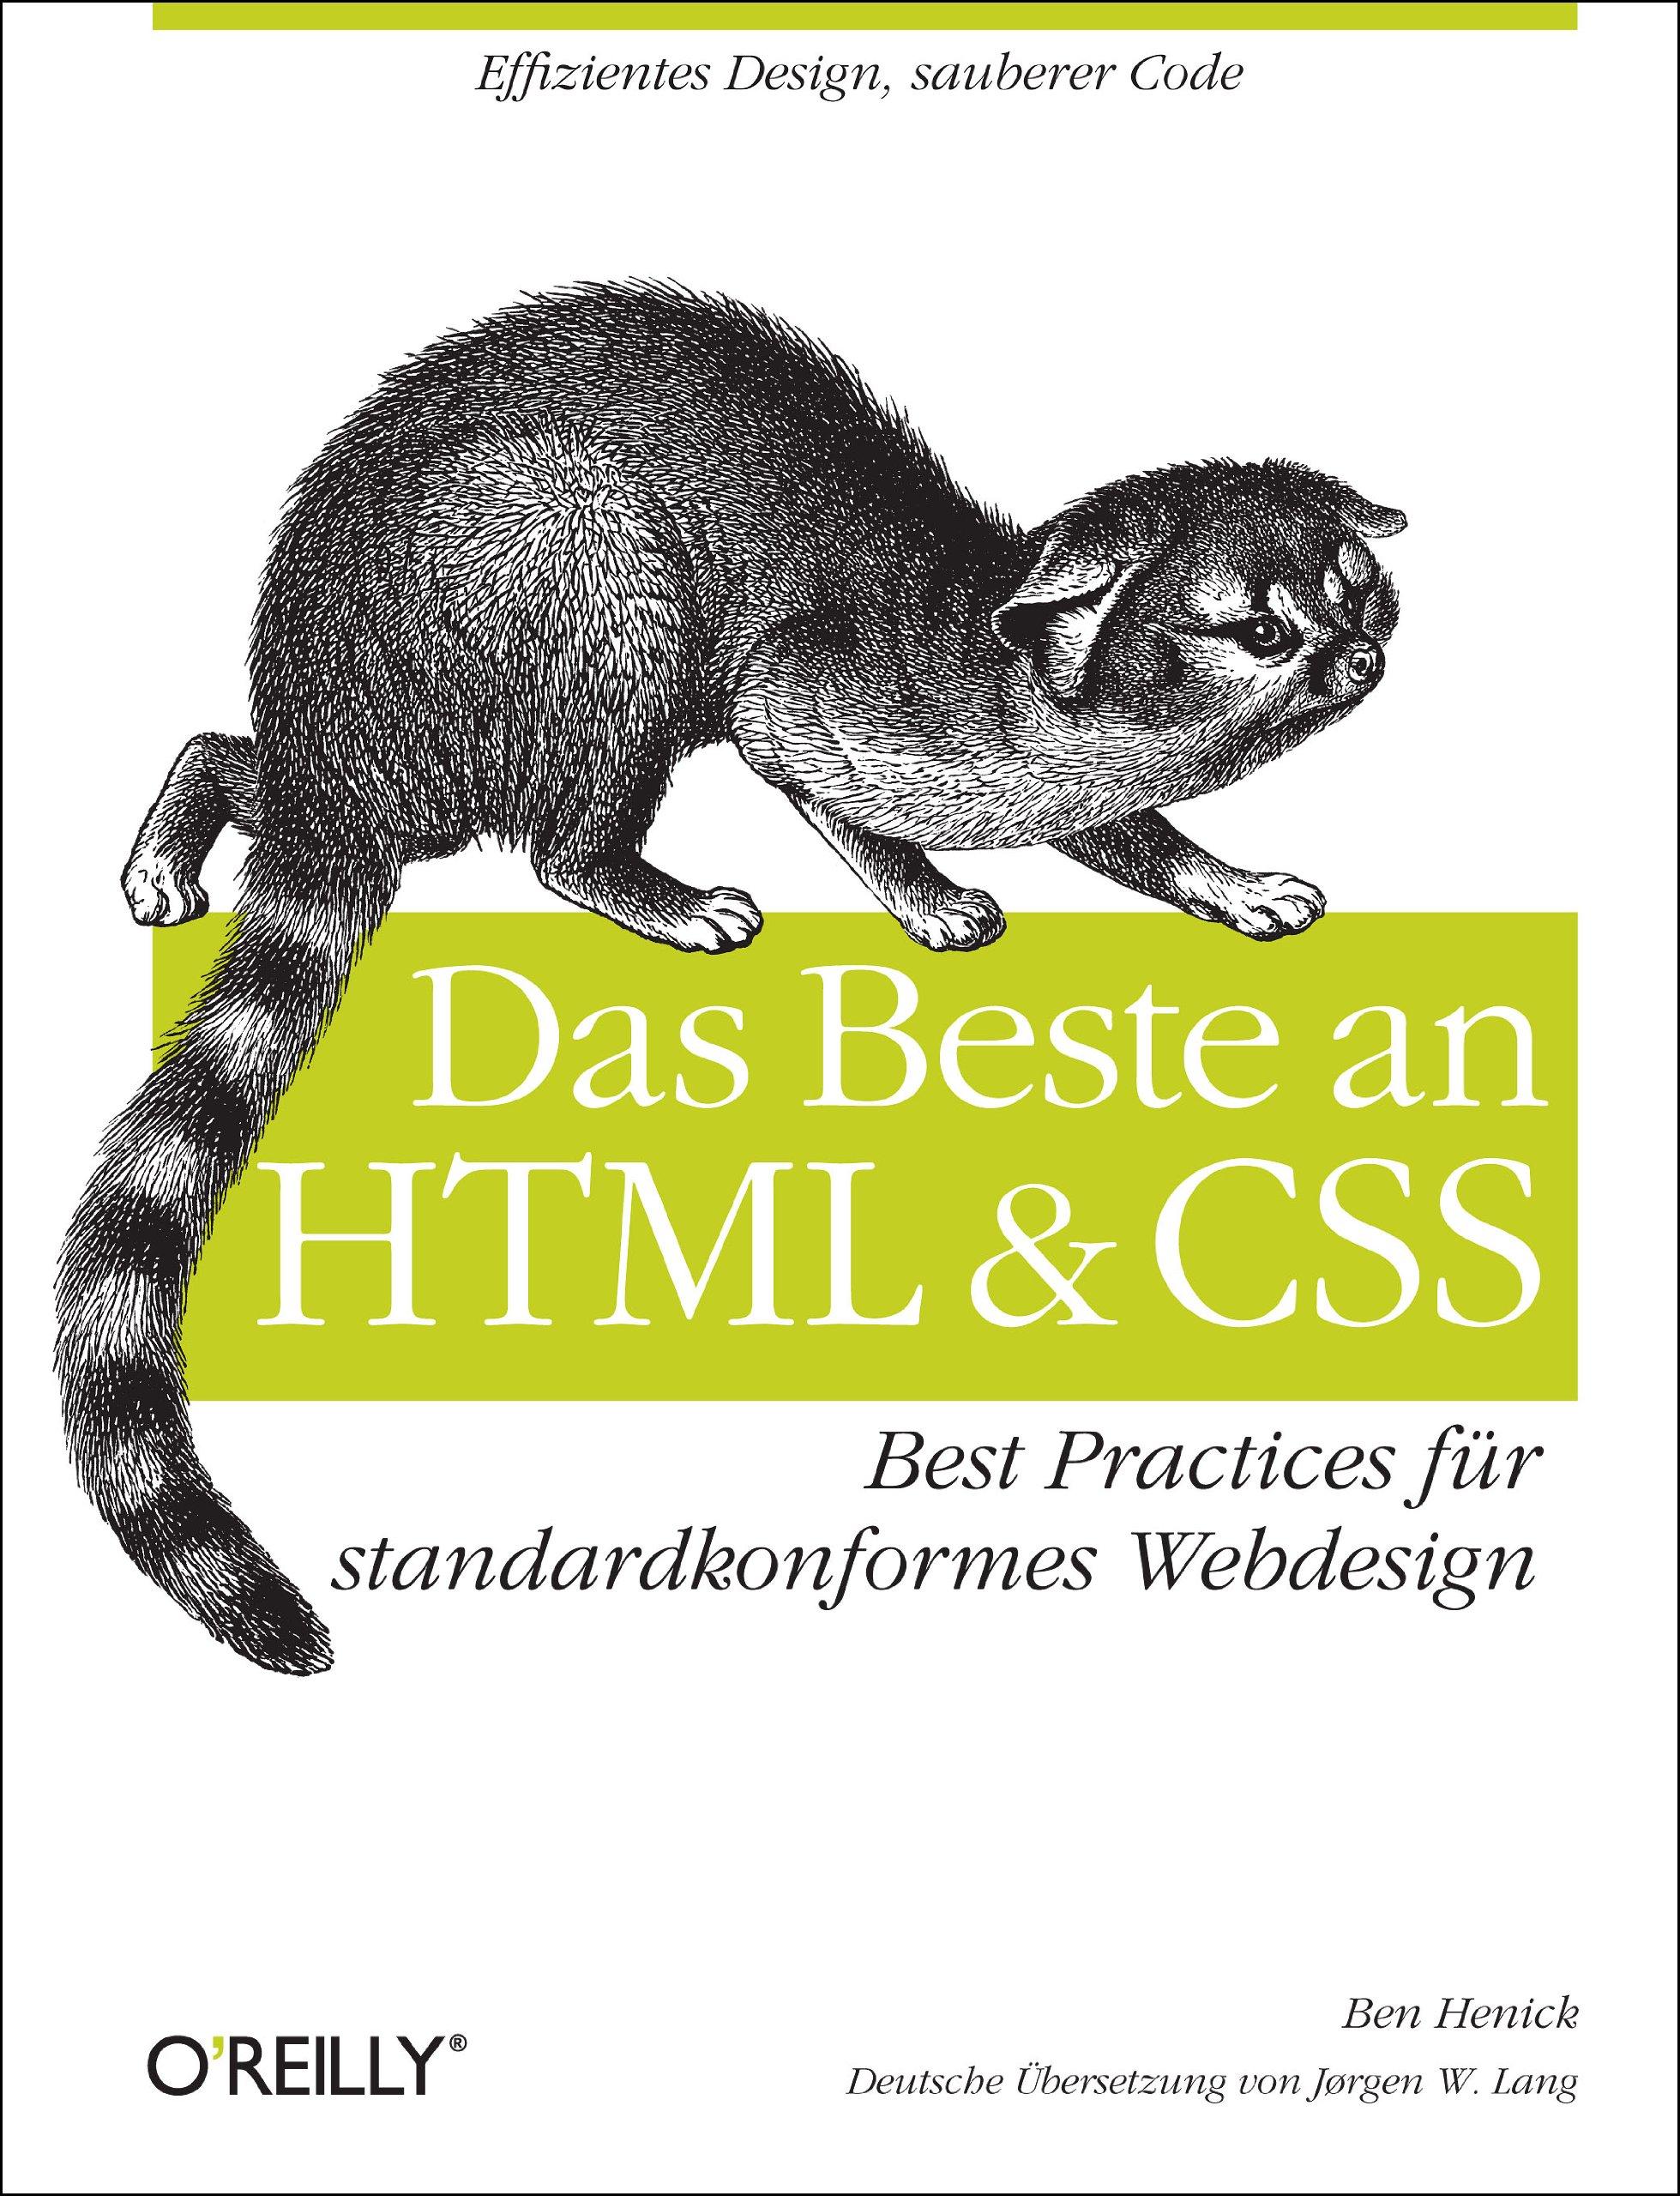 Das Beste an HTML & CSS: Best Practices für standardkonformes Webdesign